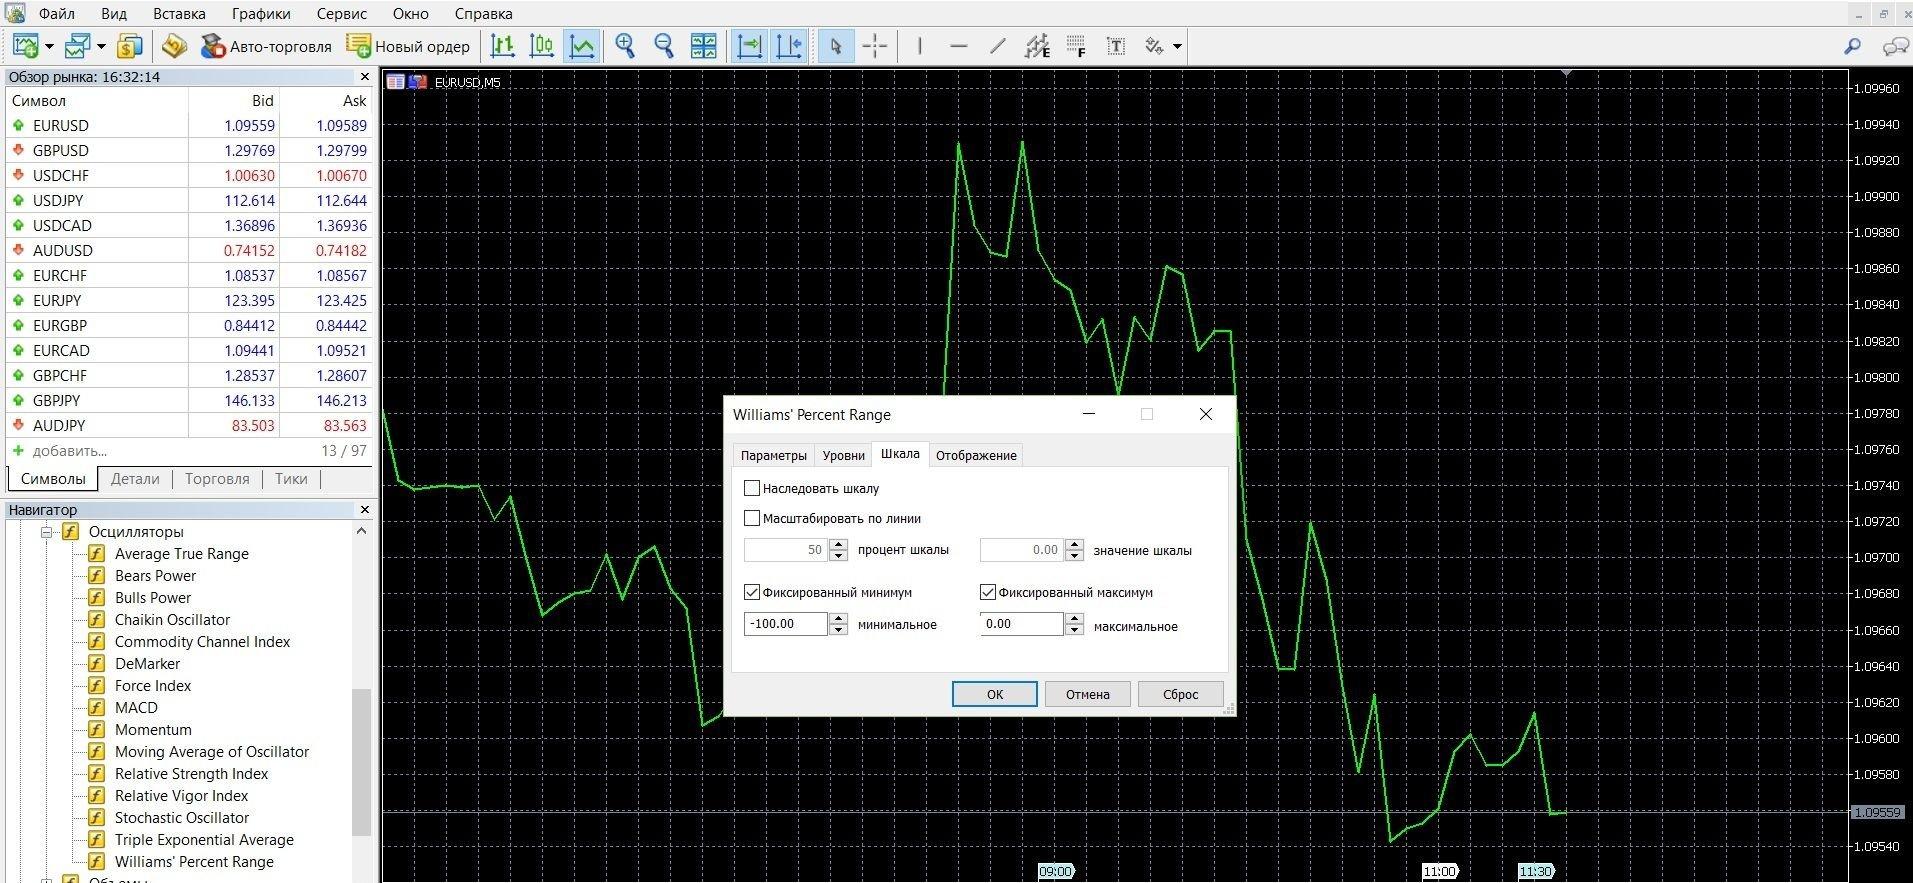 Торговля бинарными опционами в платформе Метатрейдер 4